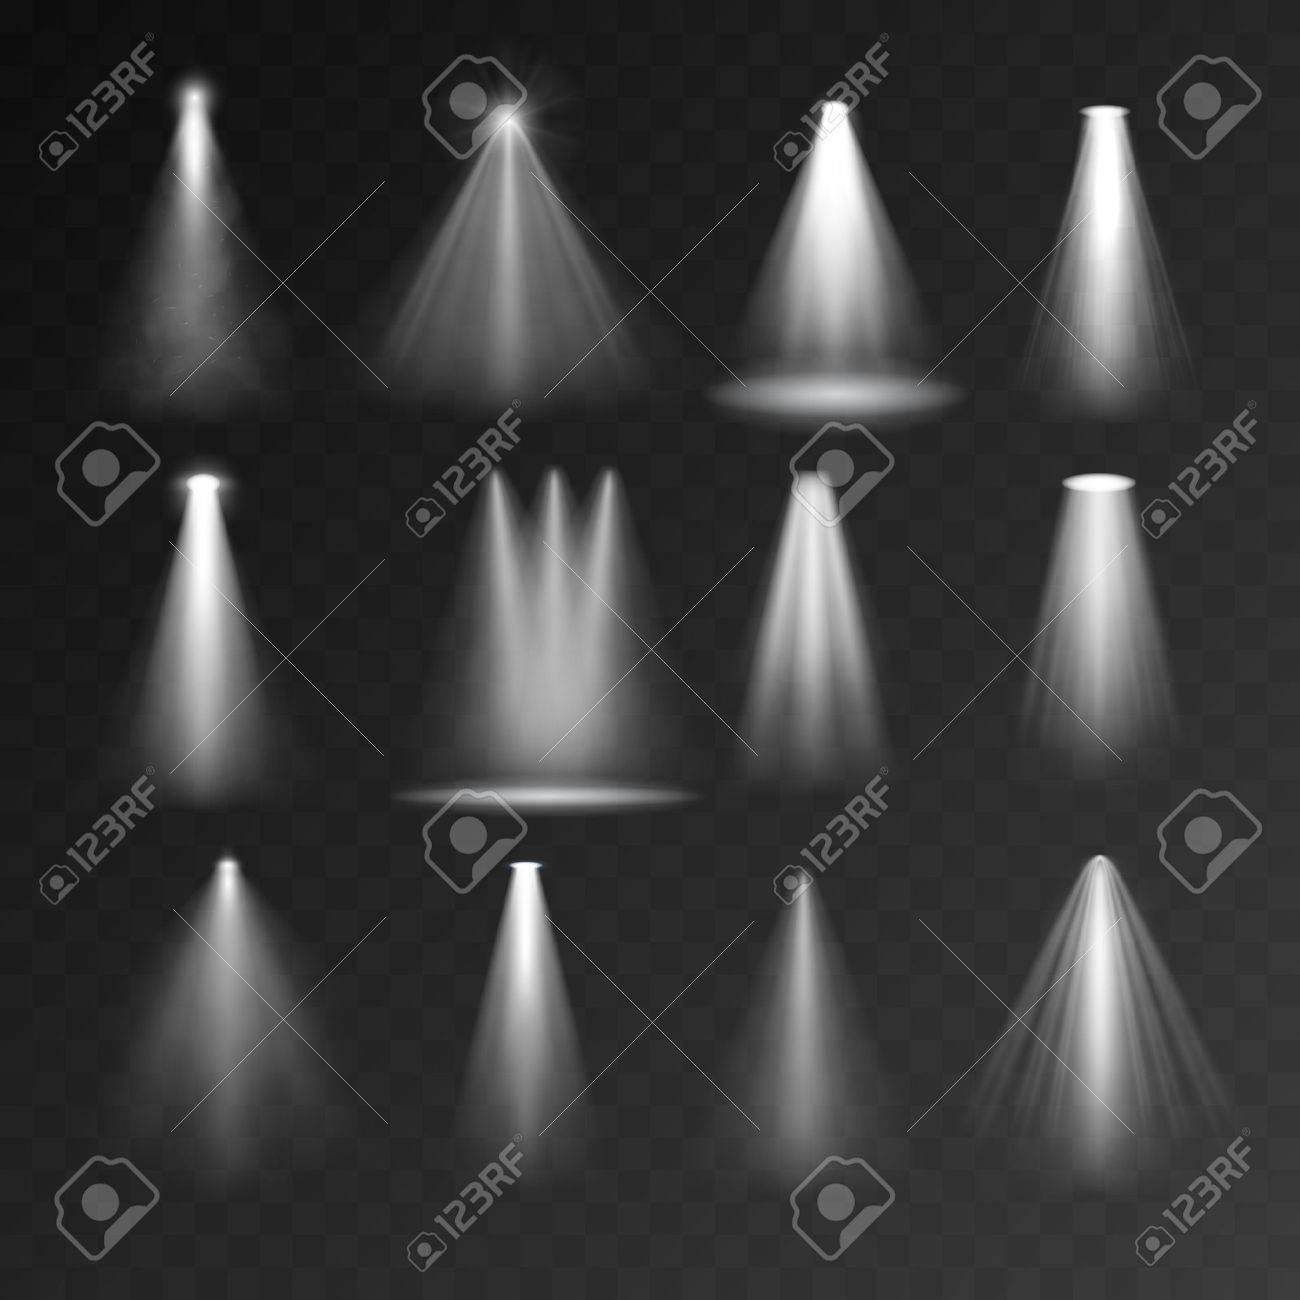 Les sources lumineuses fixées sur fond transparent. jeu de Spotlight pour les dispositifs web et mobiles Banque d'images - 48597142